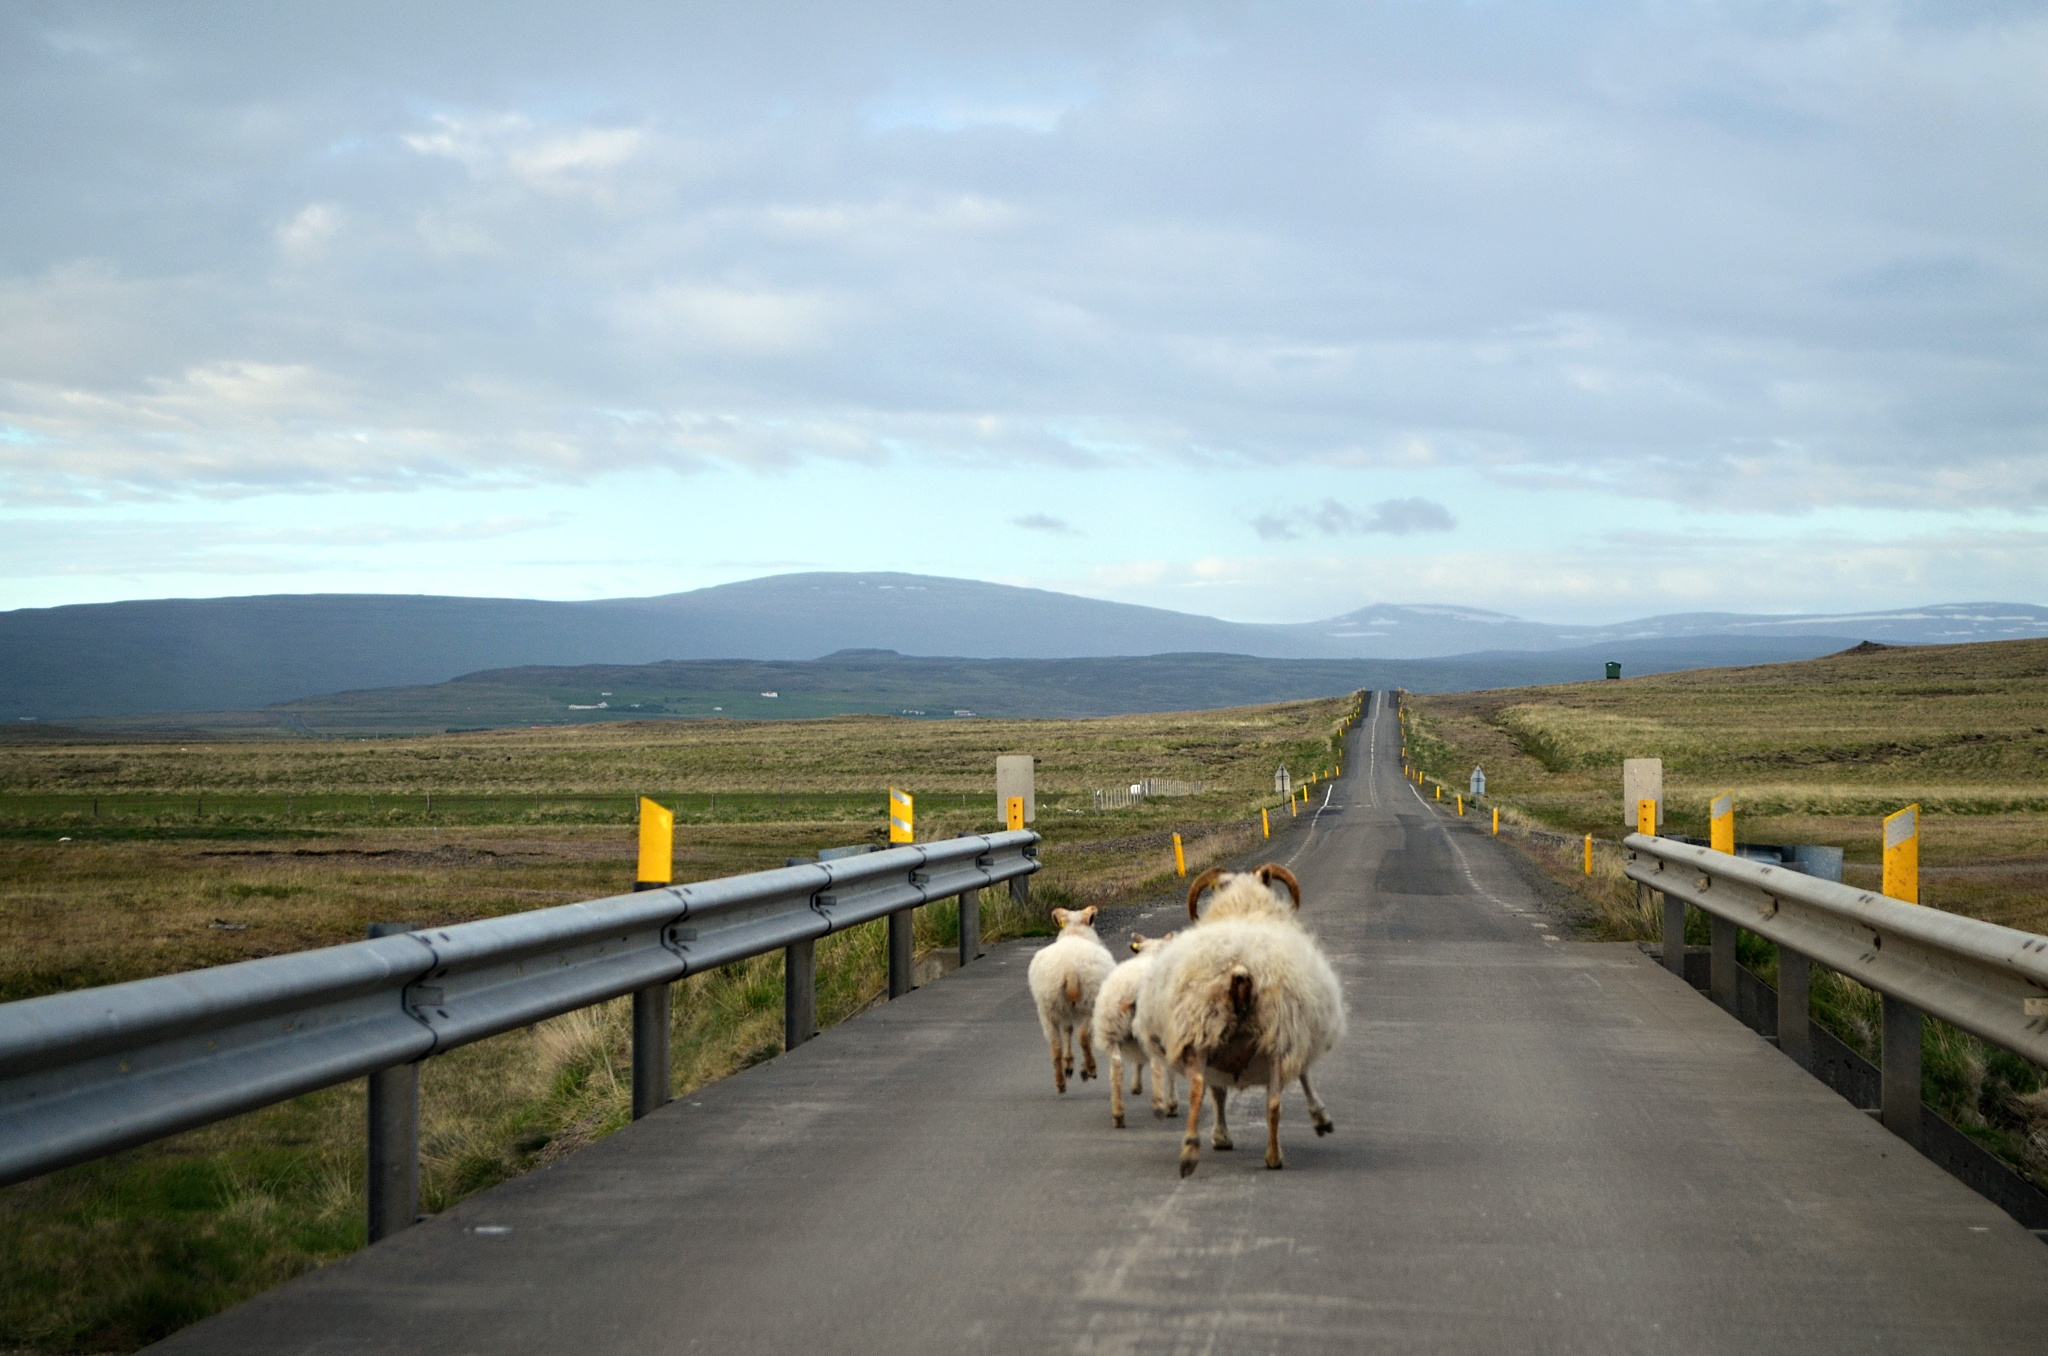 Pozor, ovce na silnici!